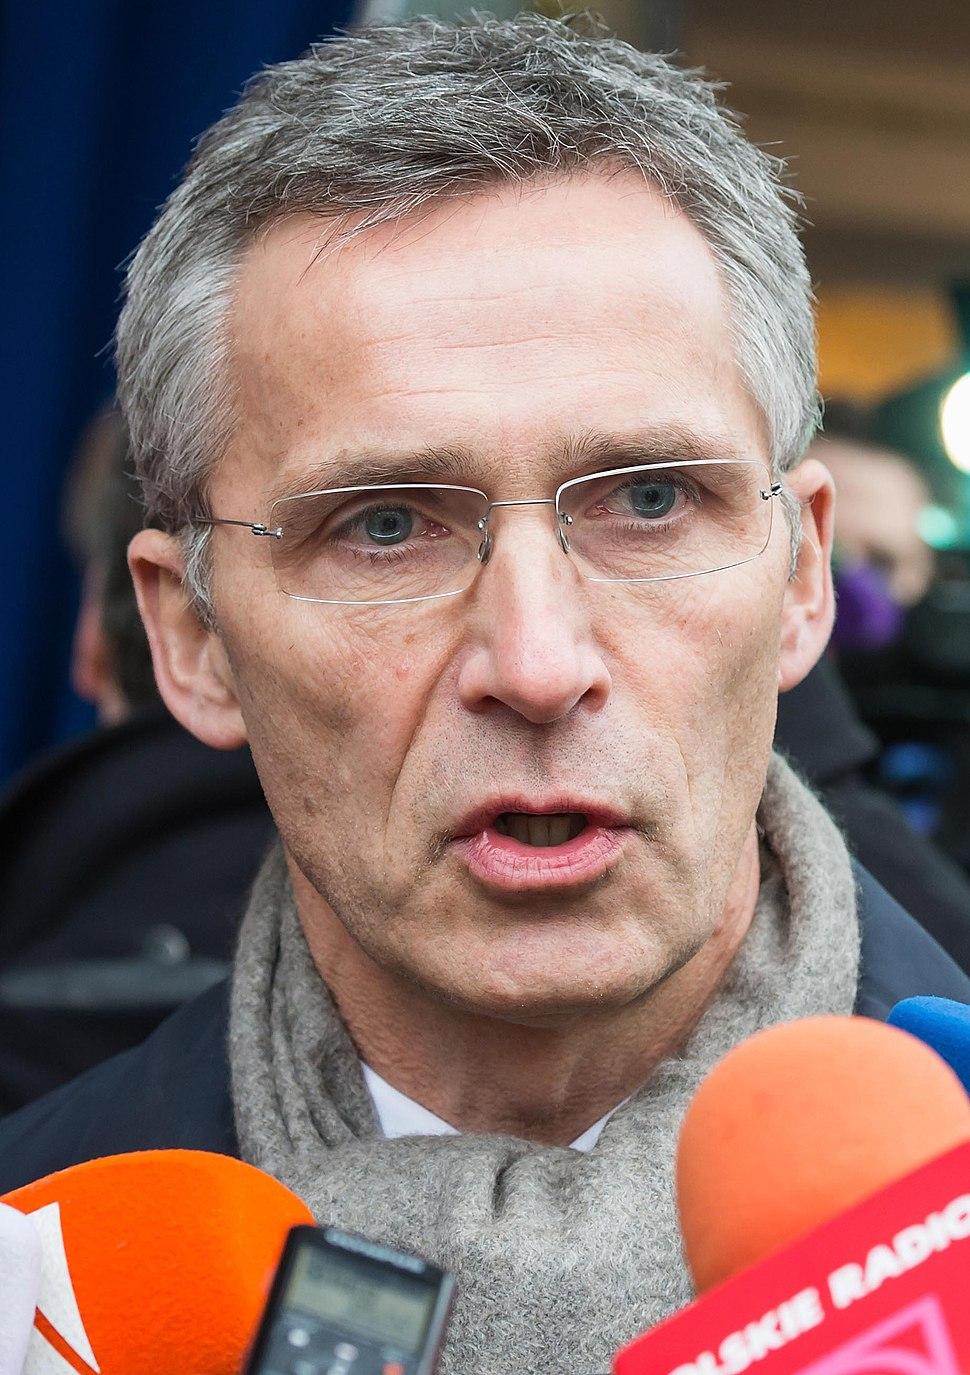 Jens Stoltenberg February 2015